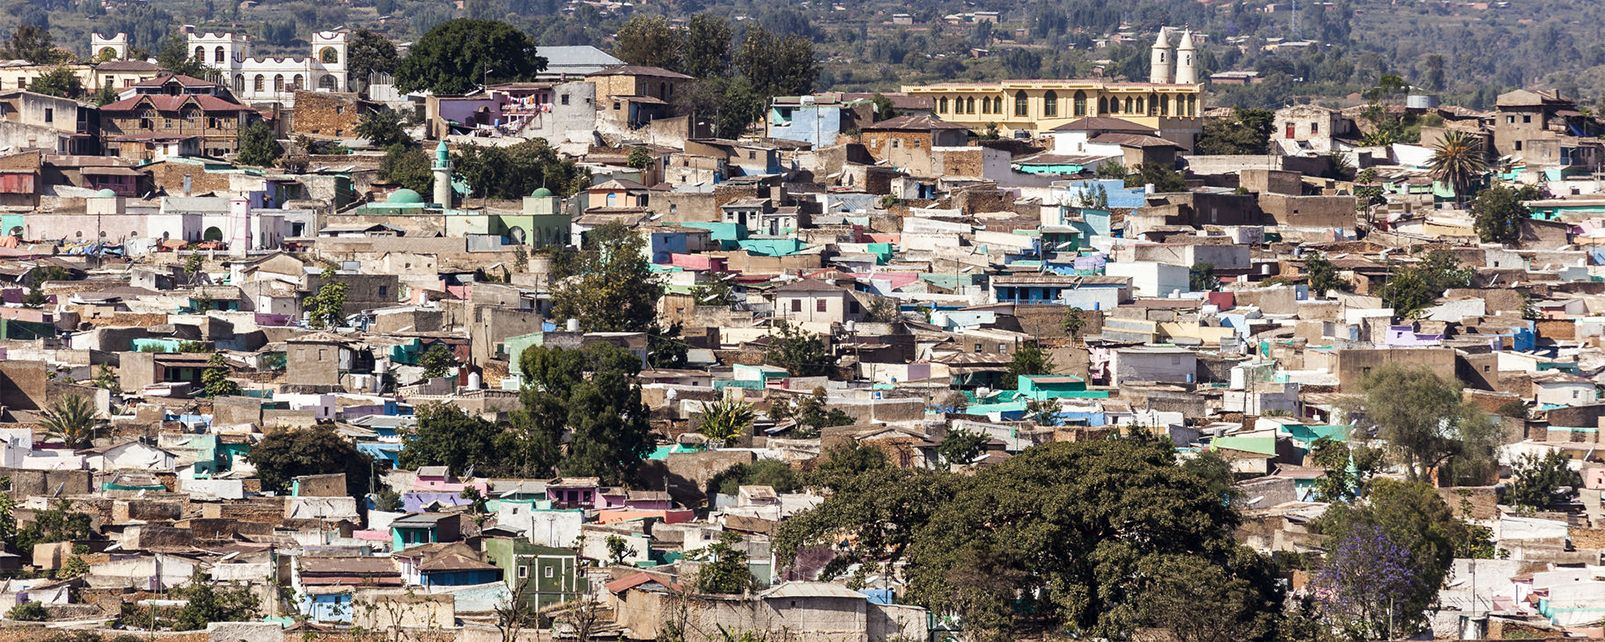 Afrique; Ethiopie; Harar; Jugol; ville; bâtiment; arbre;